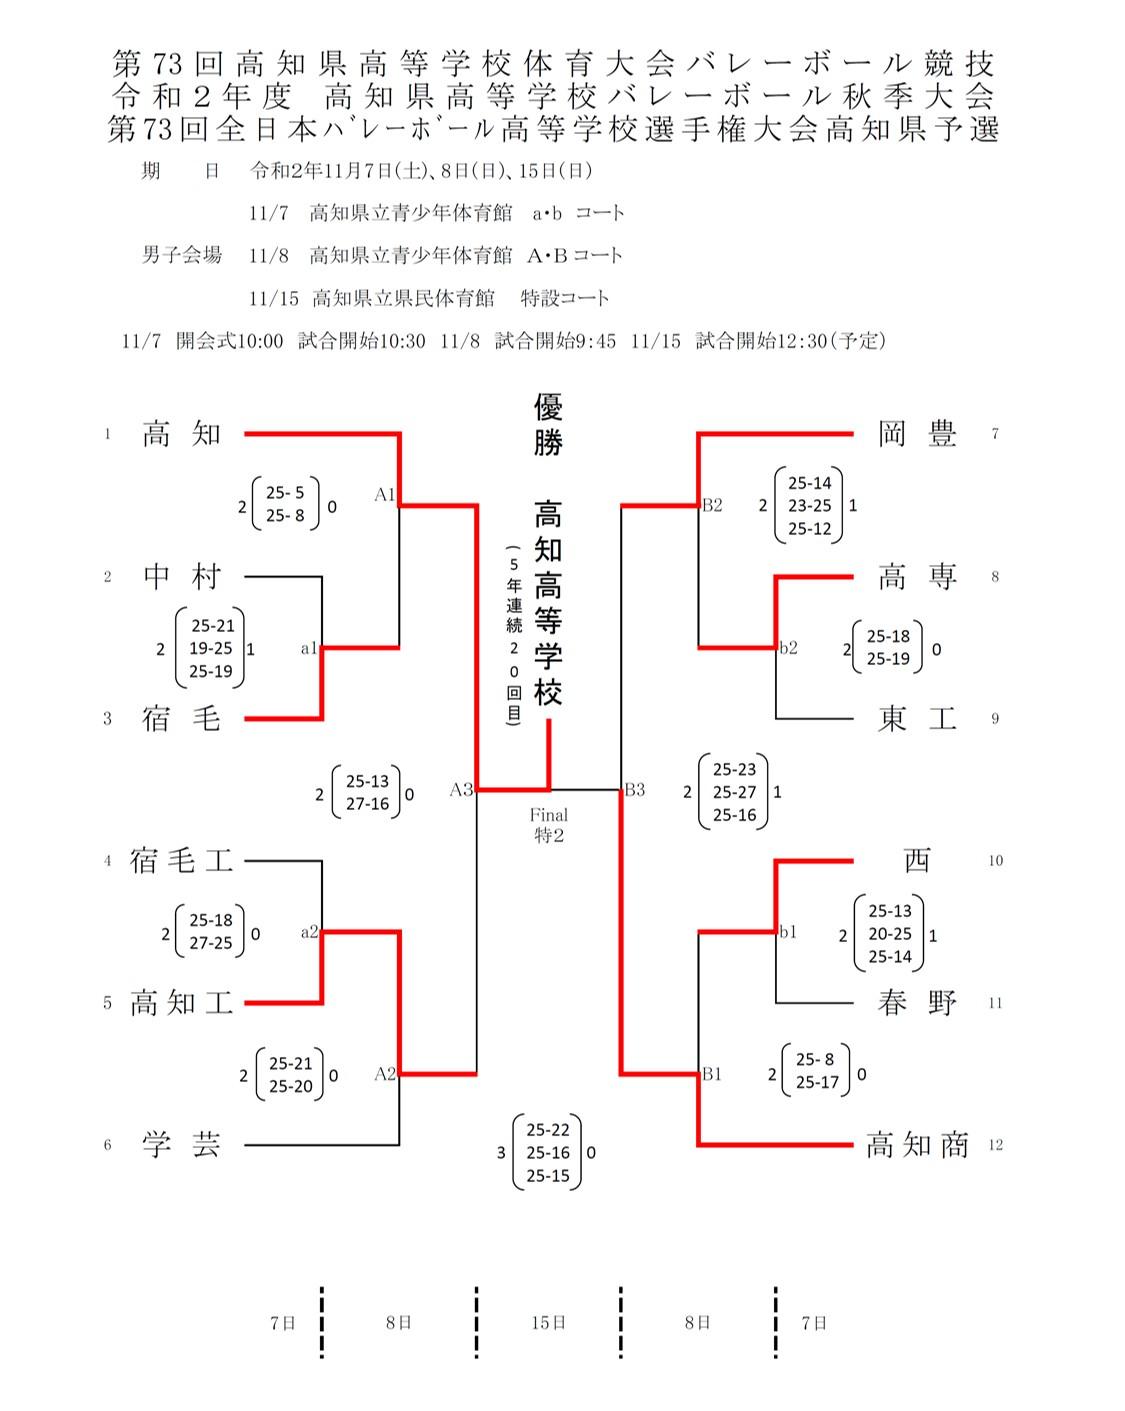 2020年度_全日本高校選手権_高知予選_男子_最終結果